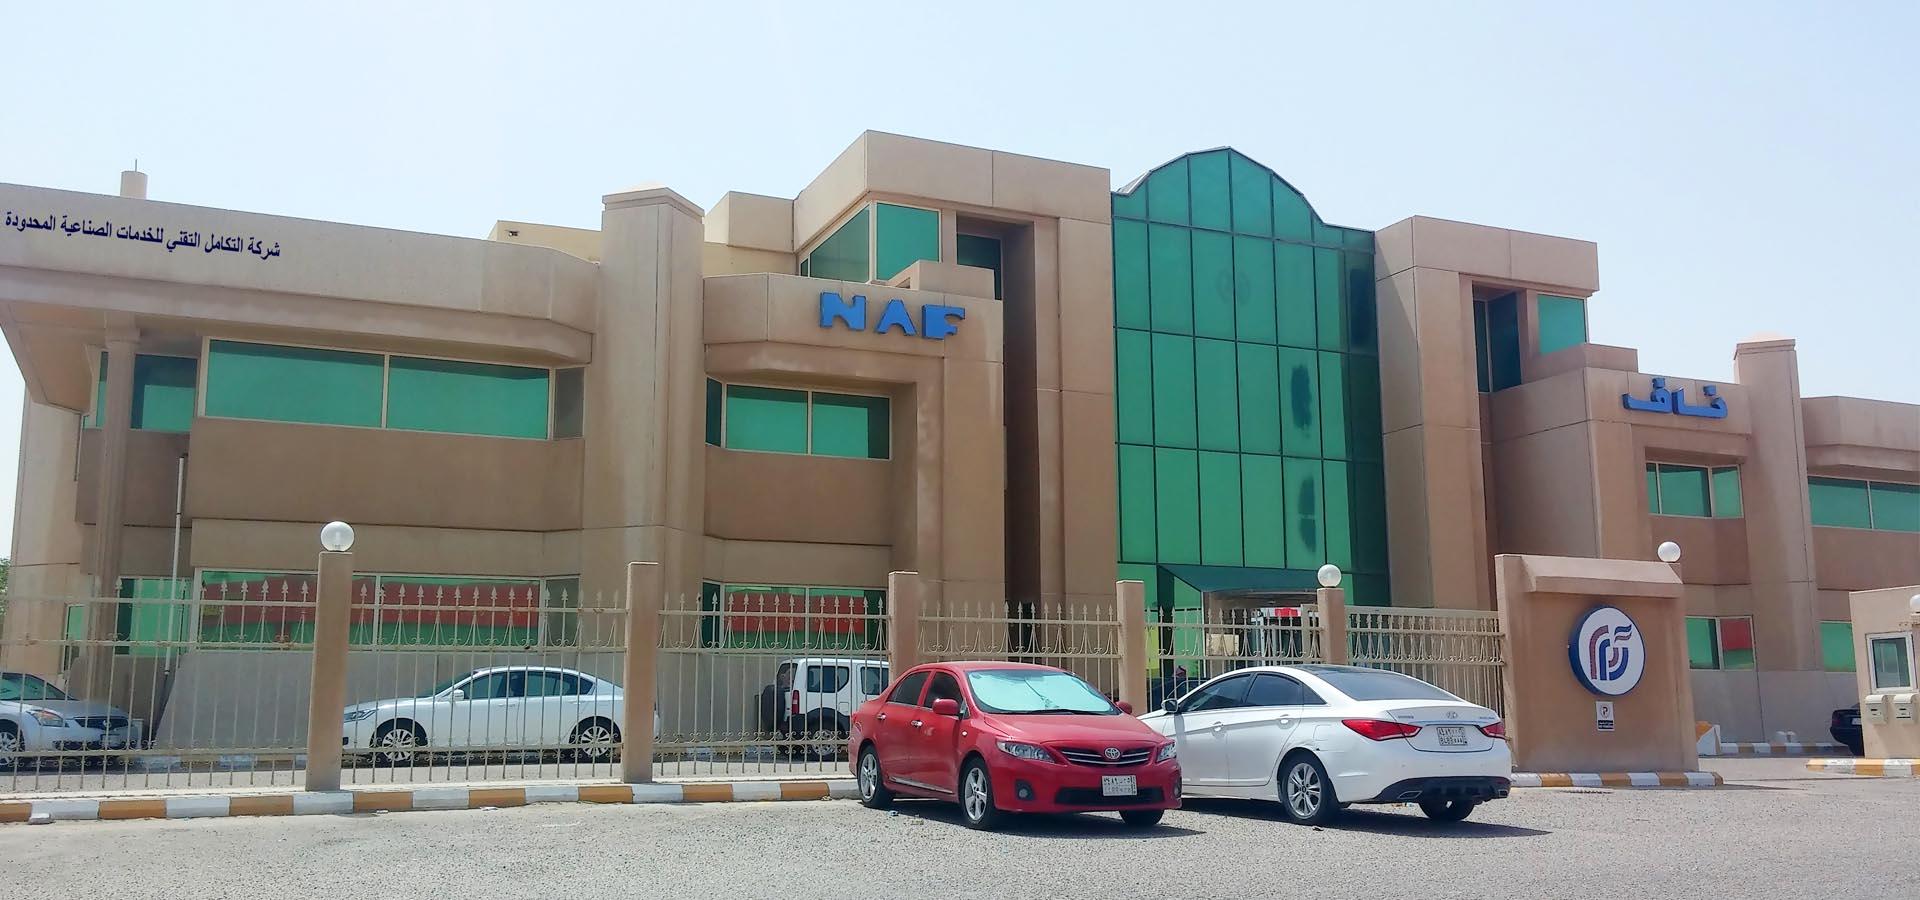 ITIS Office